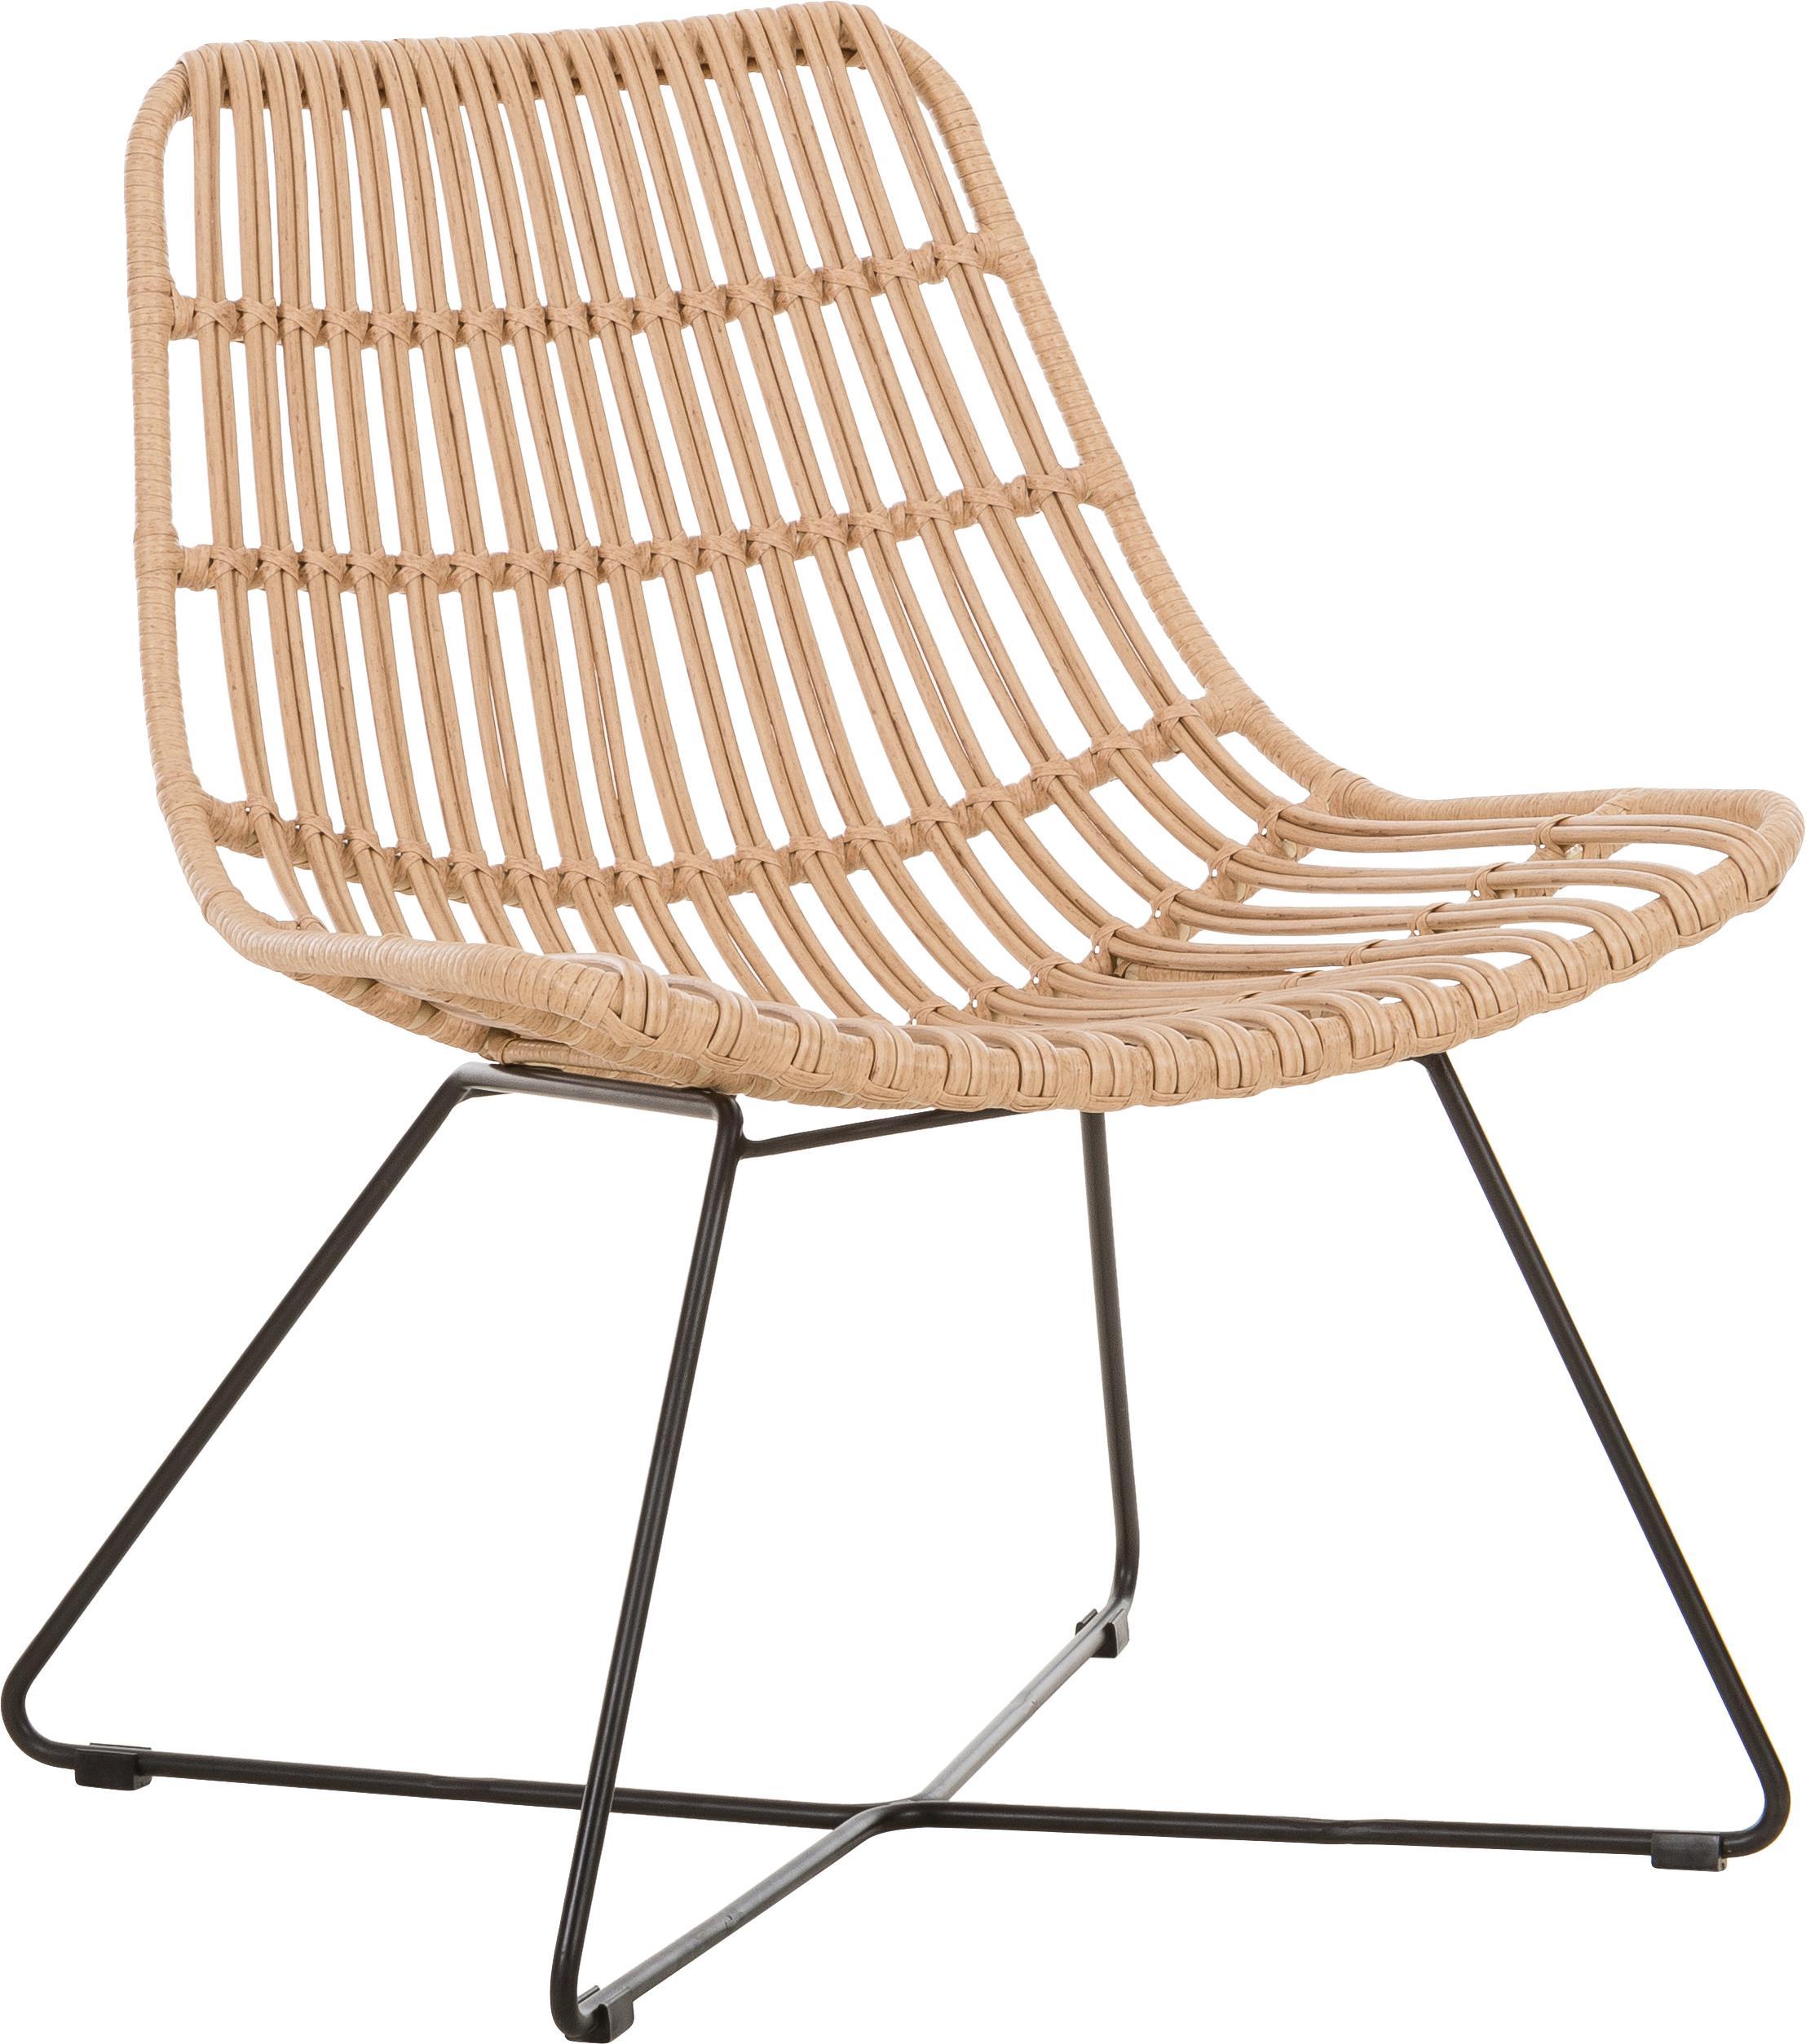 Fotel z polirattanu Costa, Stelaż: metal malowany proszkowo, Jasny brązowy, S 64 x G 64 cm